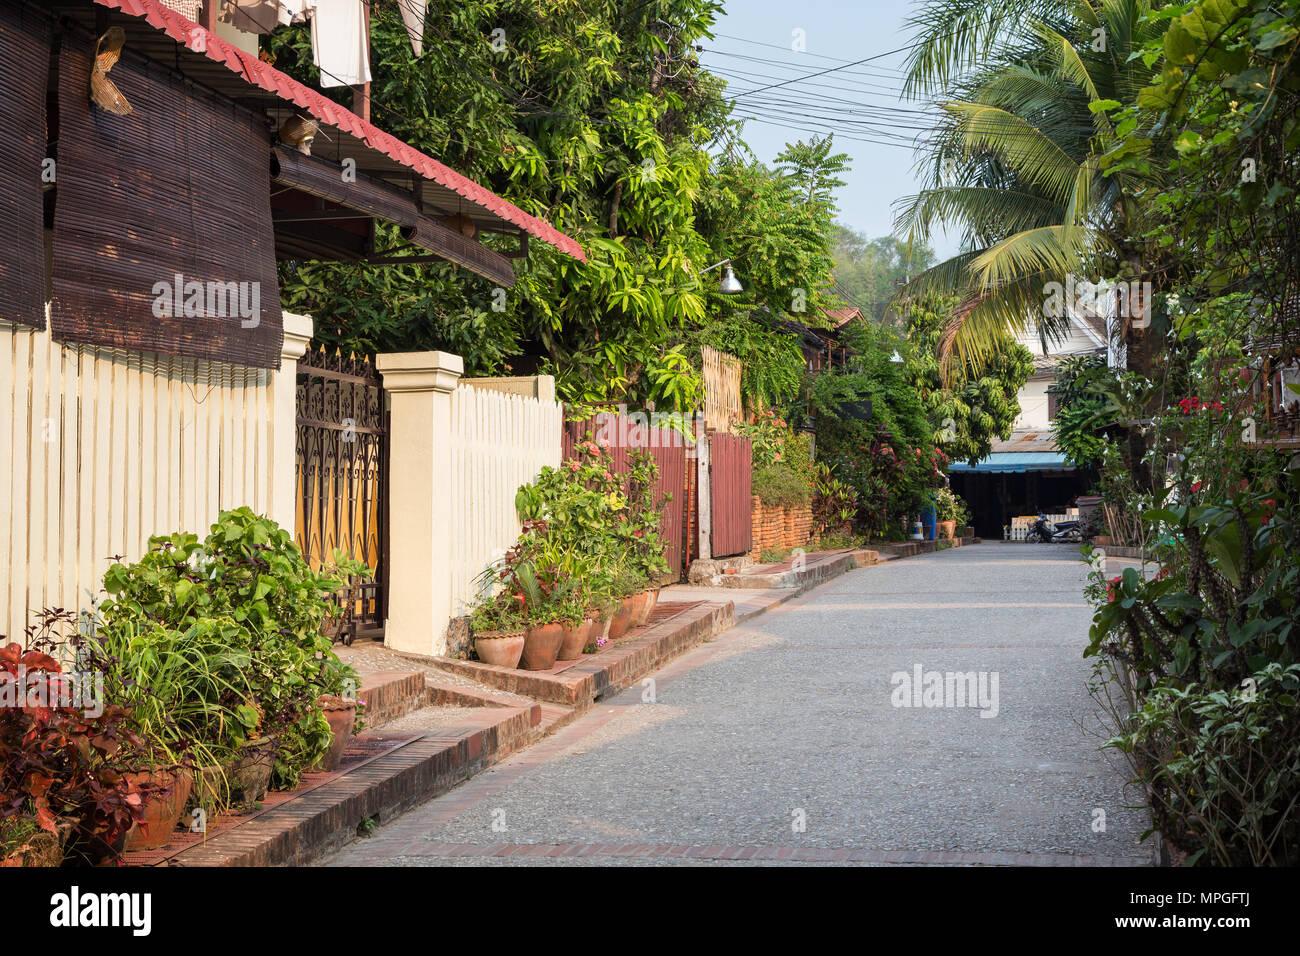 Rue Latérale idyllique à Luang Prabang, Laos, lors d'une journée ensoleillée. Photo Stock